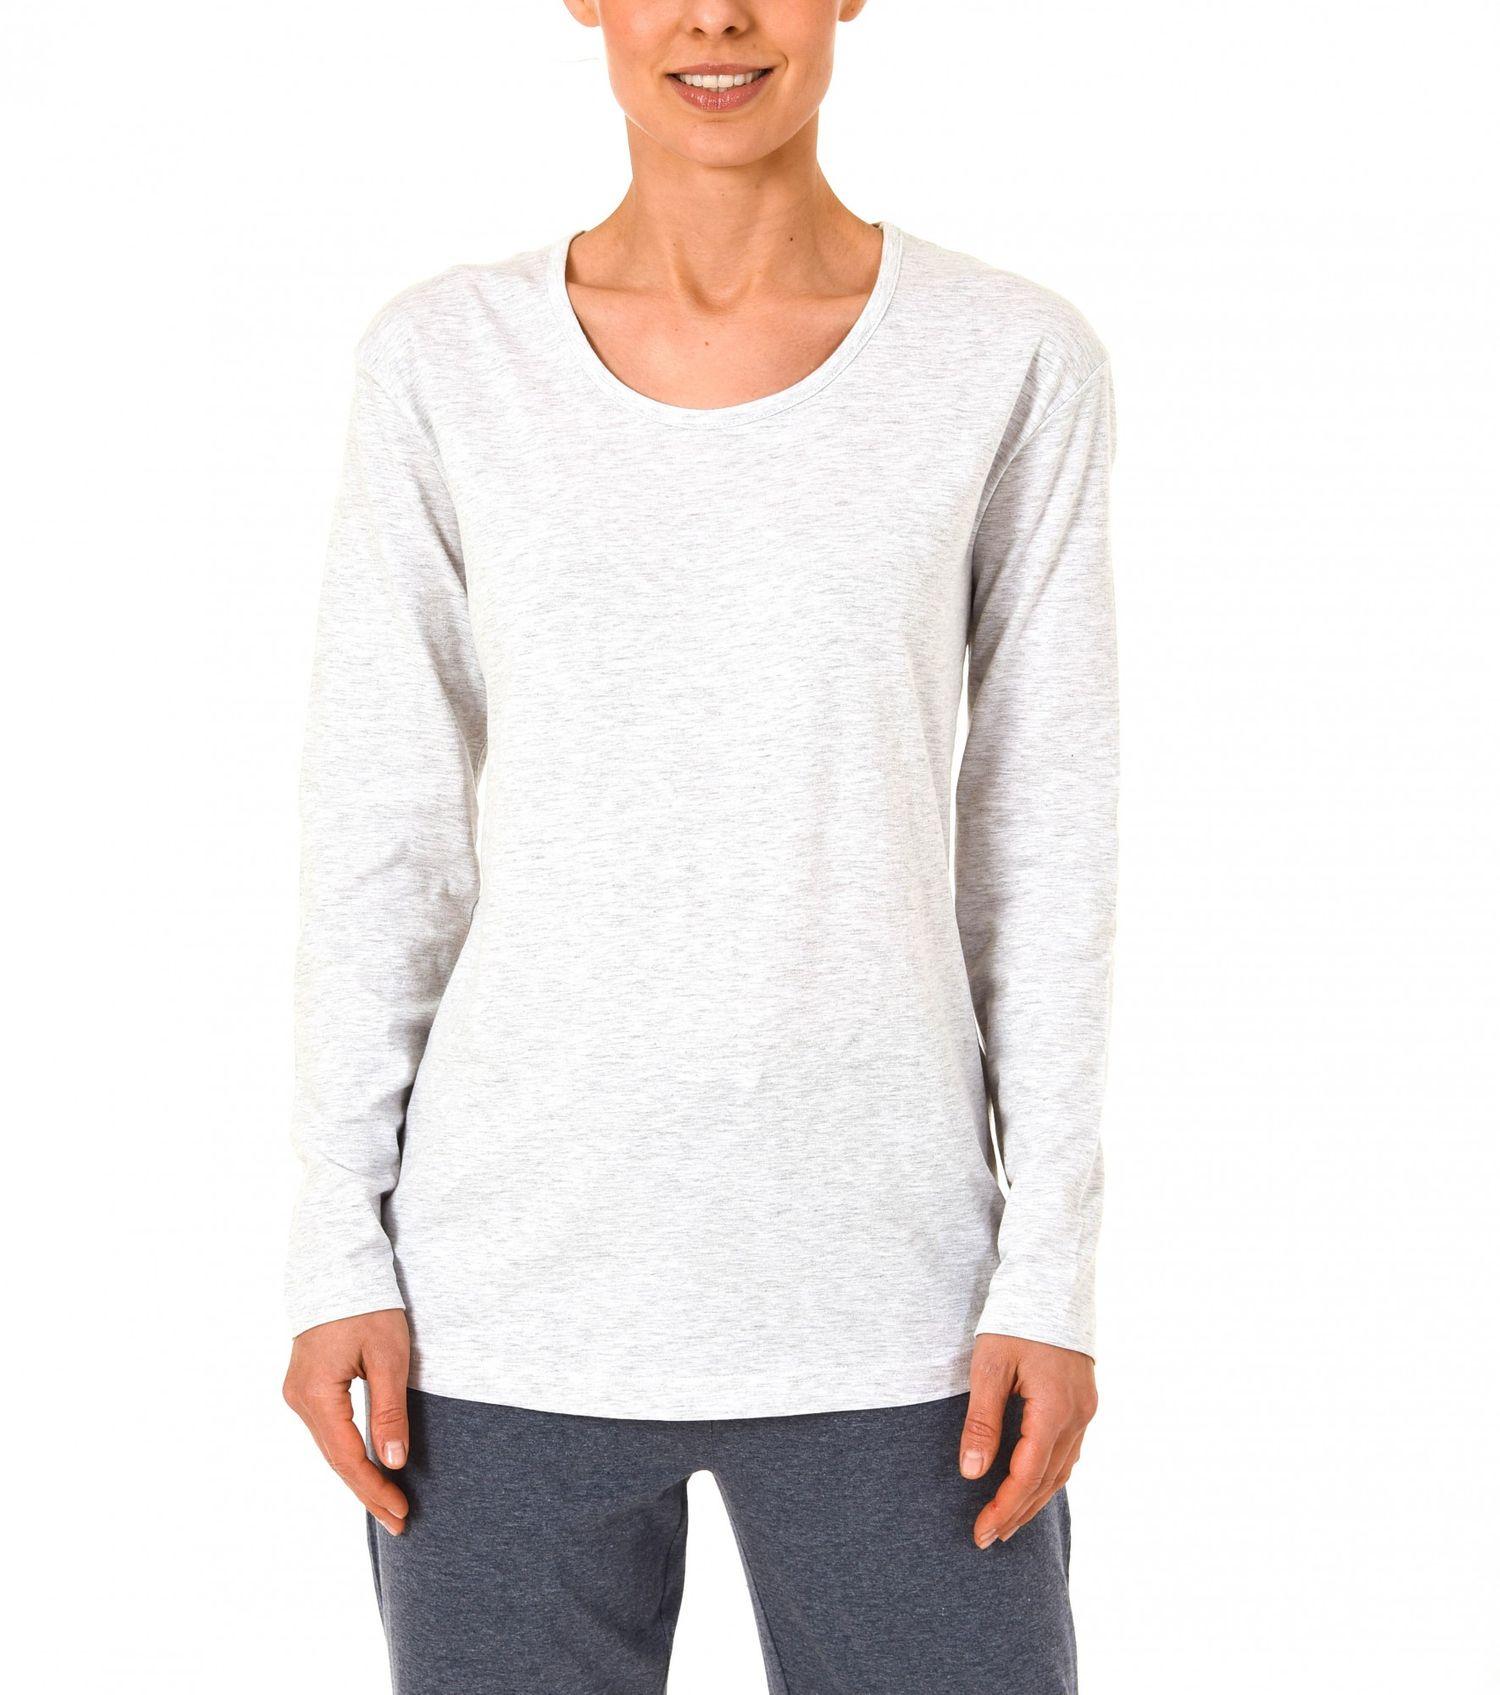 Damen Shirt  Oberteil - langarm Mix & Match  – 171 219 90 902 – Bild 1